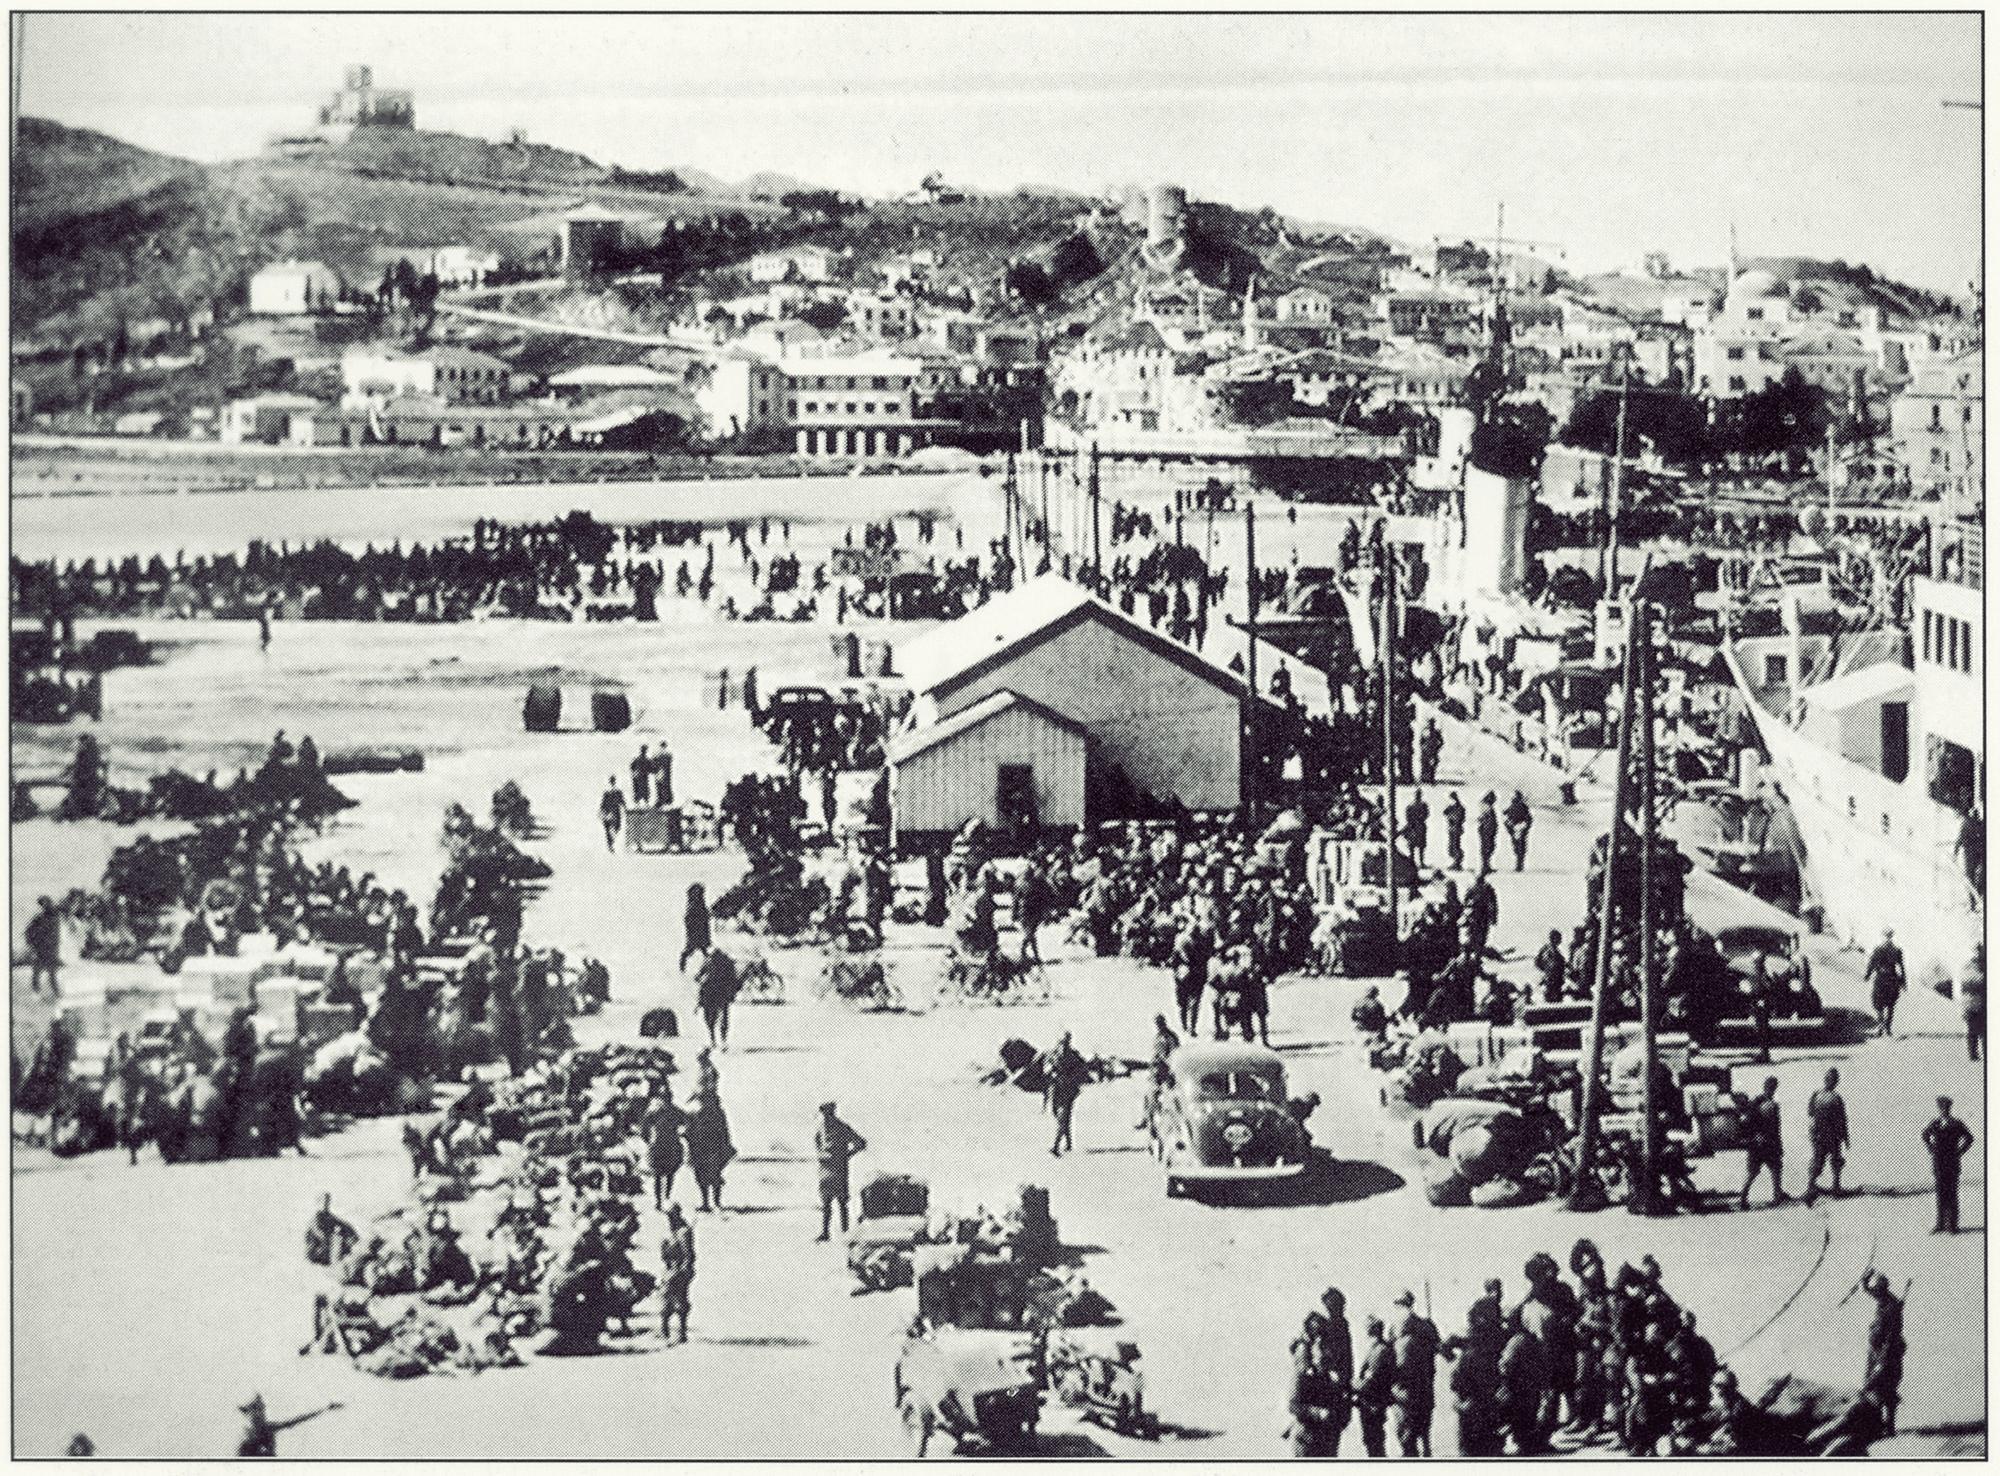 Febbraio 1941, contingenti militari italiani sbarcano sul litorale albanese.